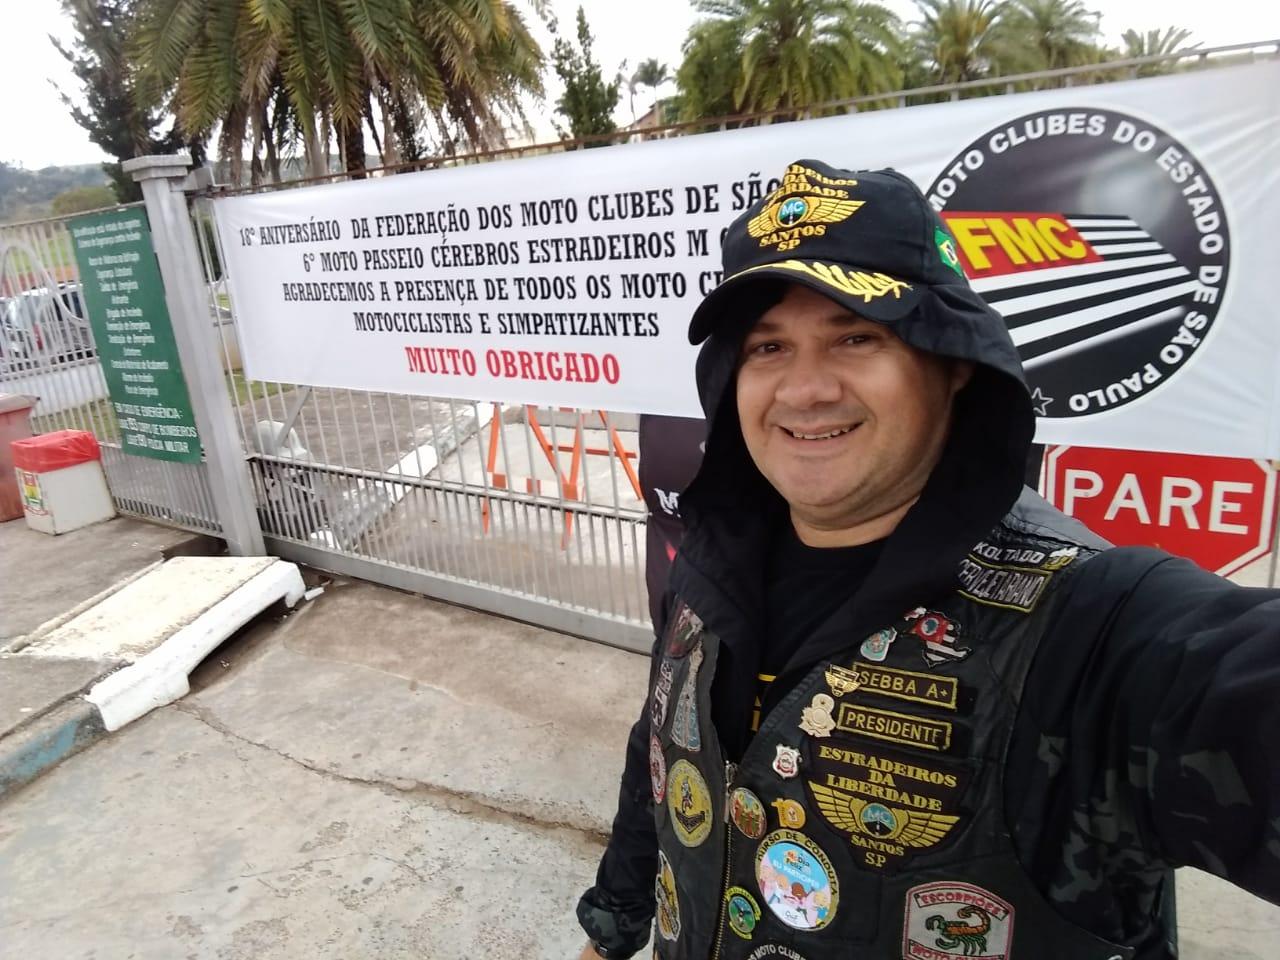 Moto Clube Estradeiros da Liberdade 480c9a1519ba1